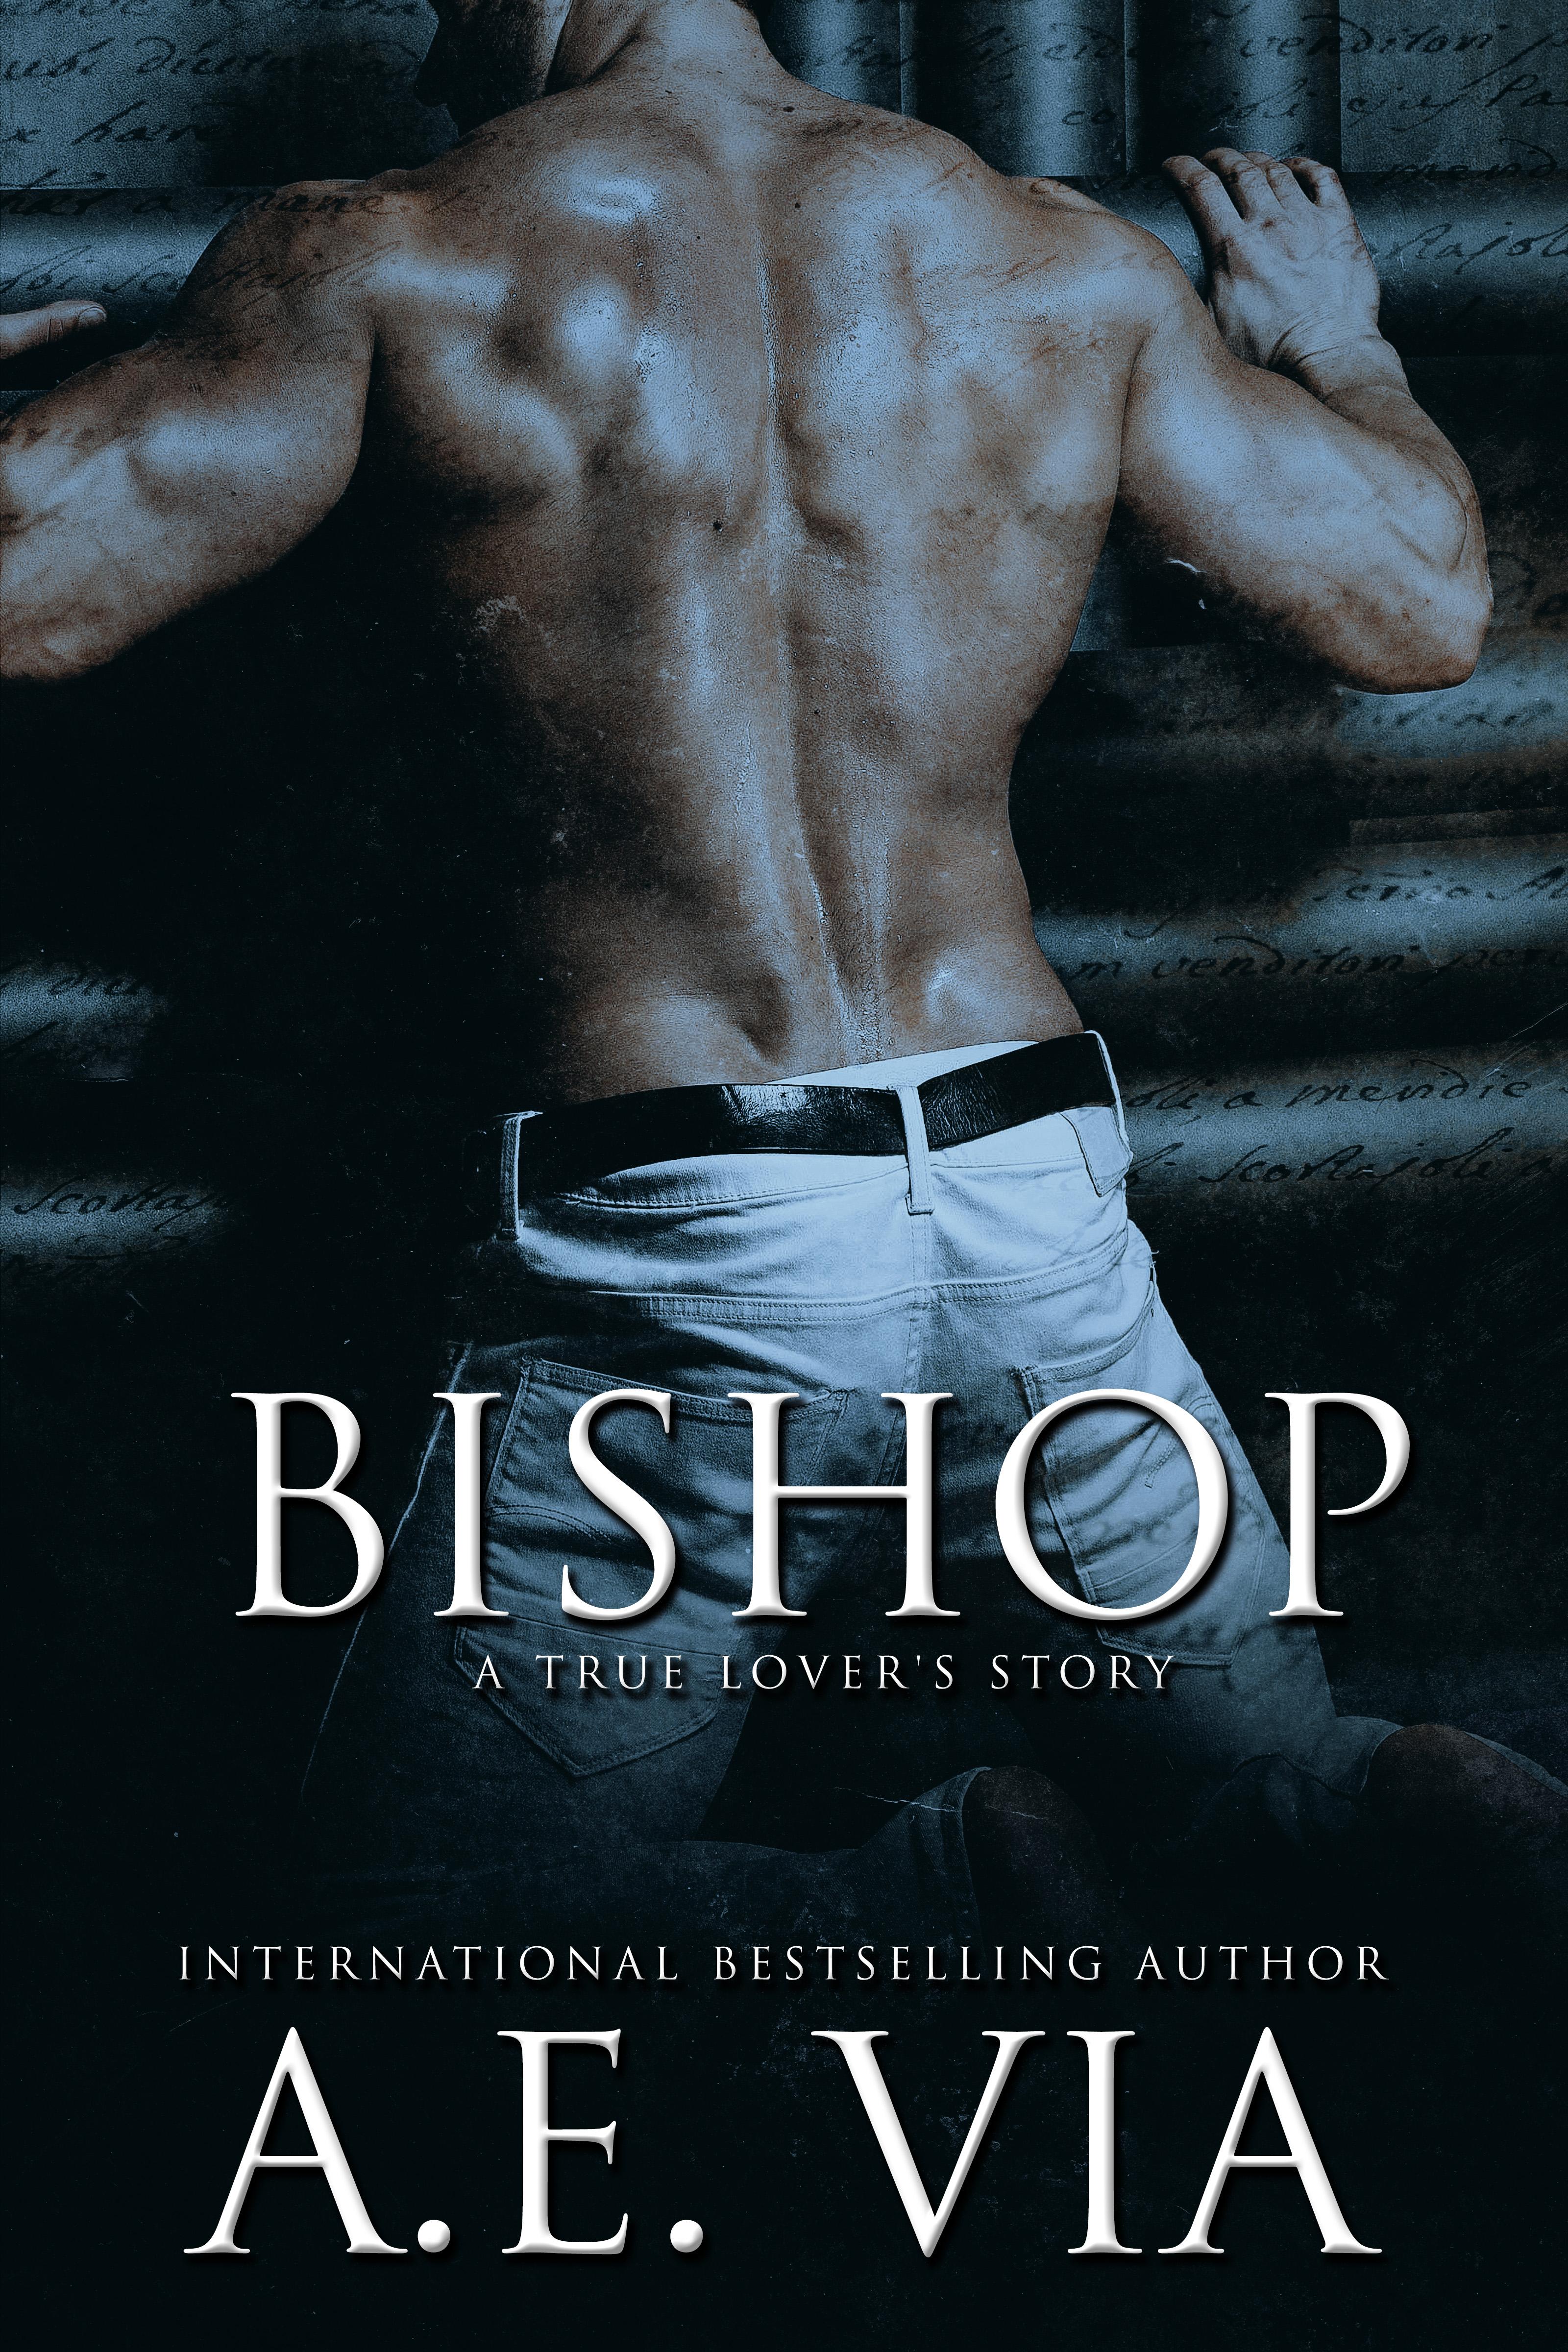 Bishop: A True Love Story